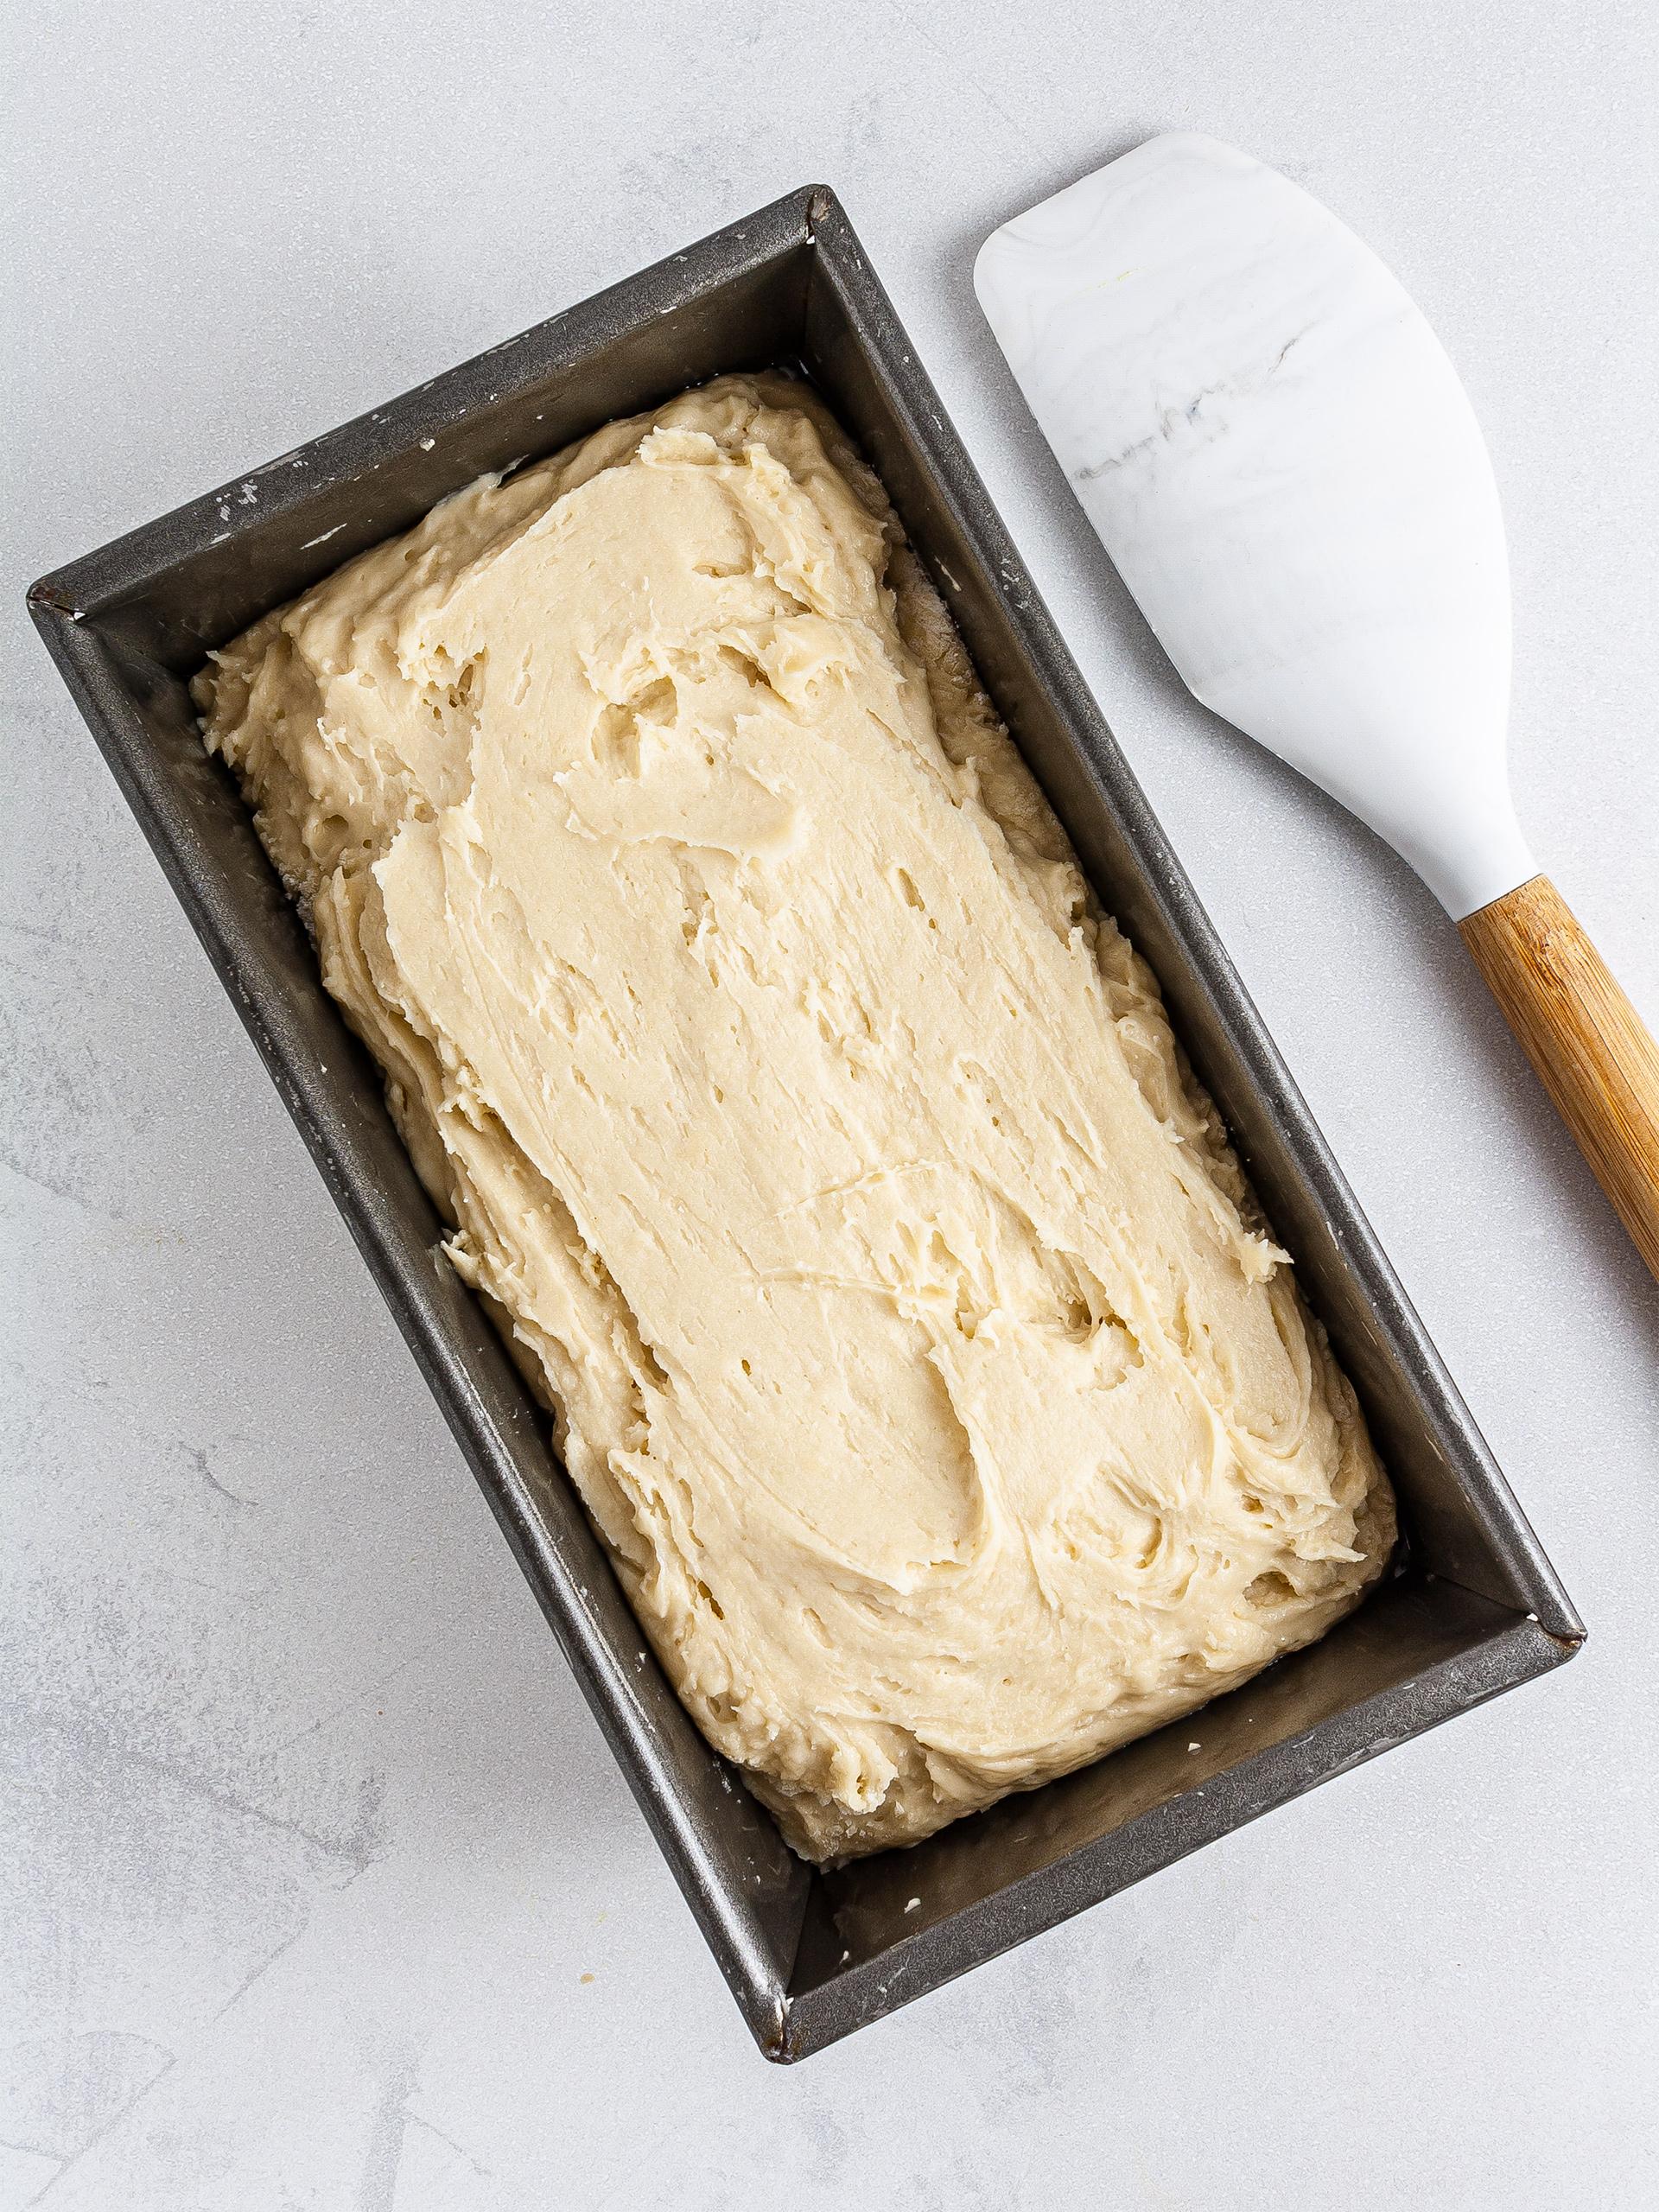 Brioche dough in a loaf tin